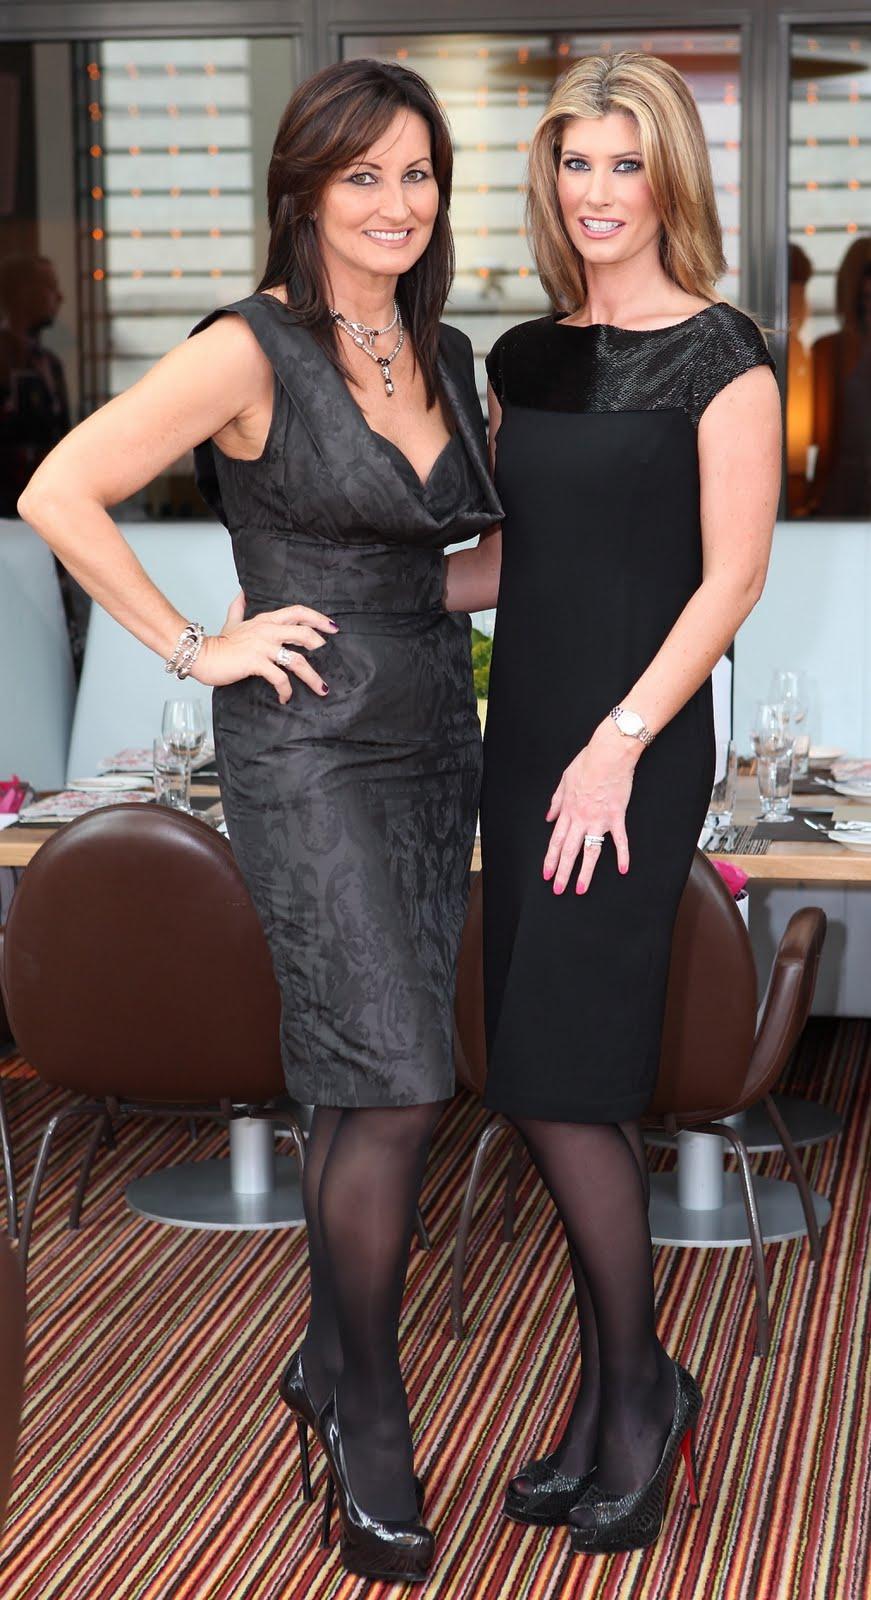 fashion tights skirt dress heels : April 2012